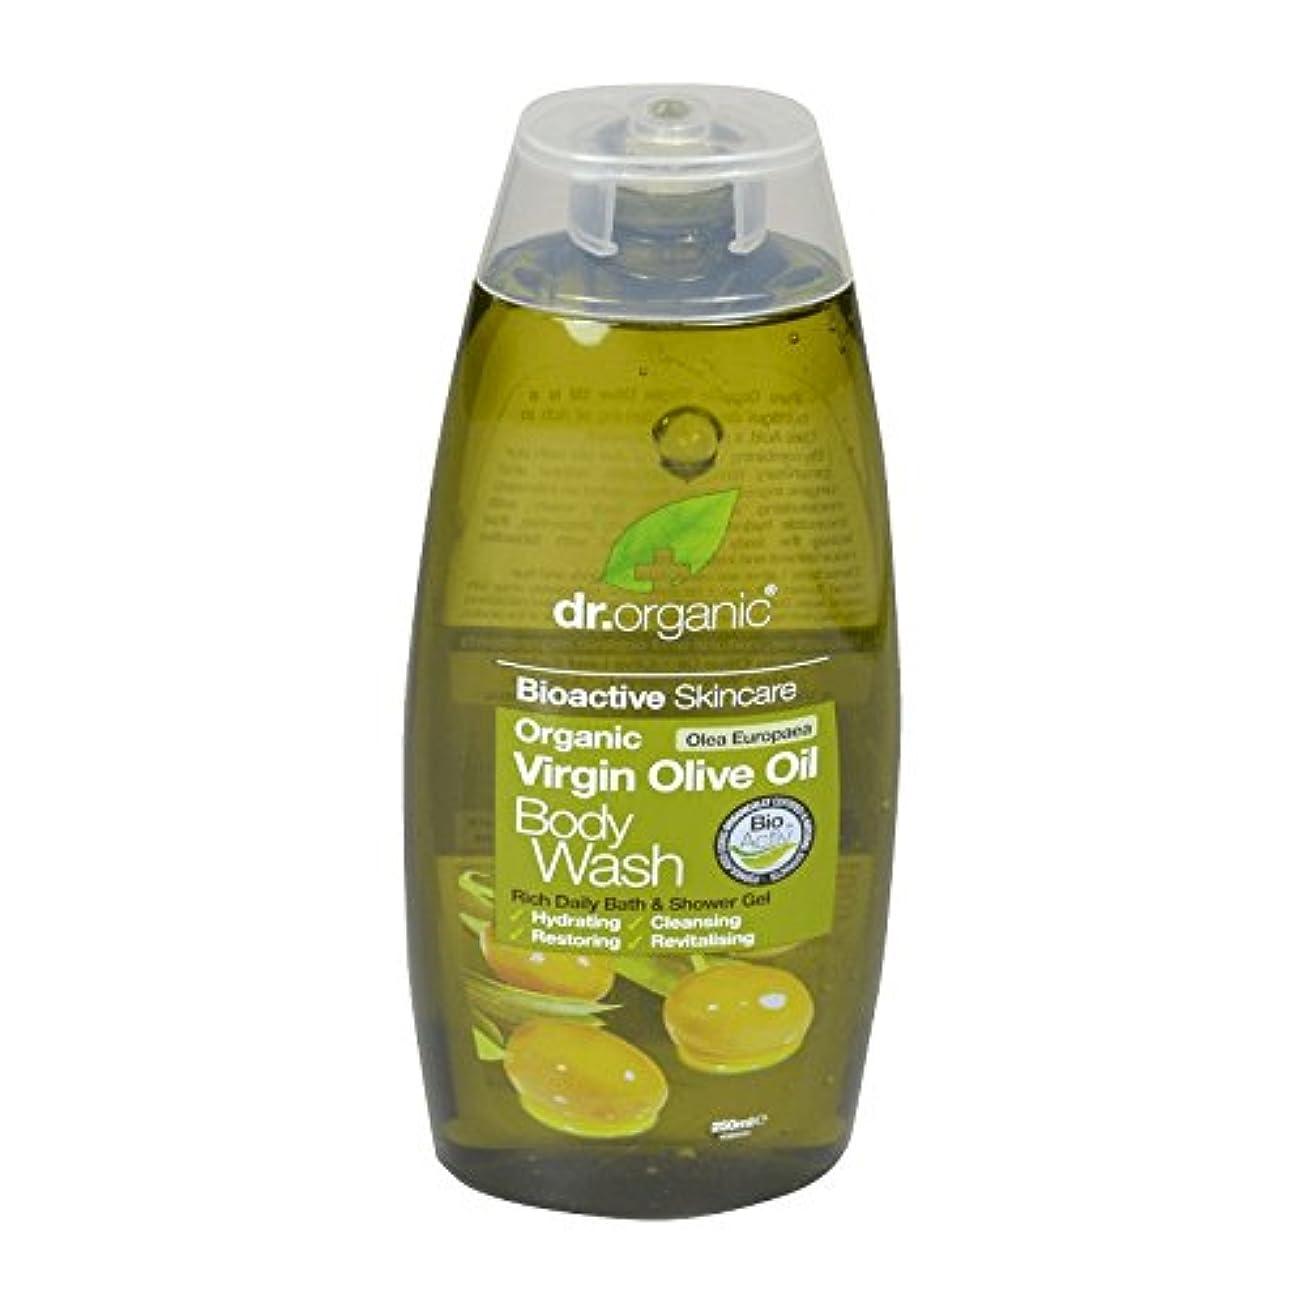 流暢パラナ川電子Dr有機バージンオリーブオイルボディウォッシュ - Dr Organic Virgin Olive Oil Body Wash (Dr Organic) [並行輸入品]